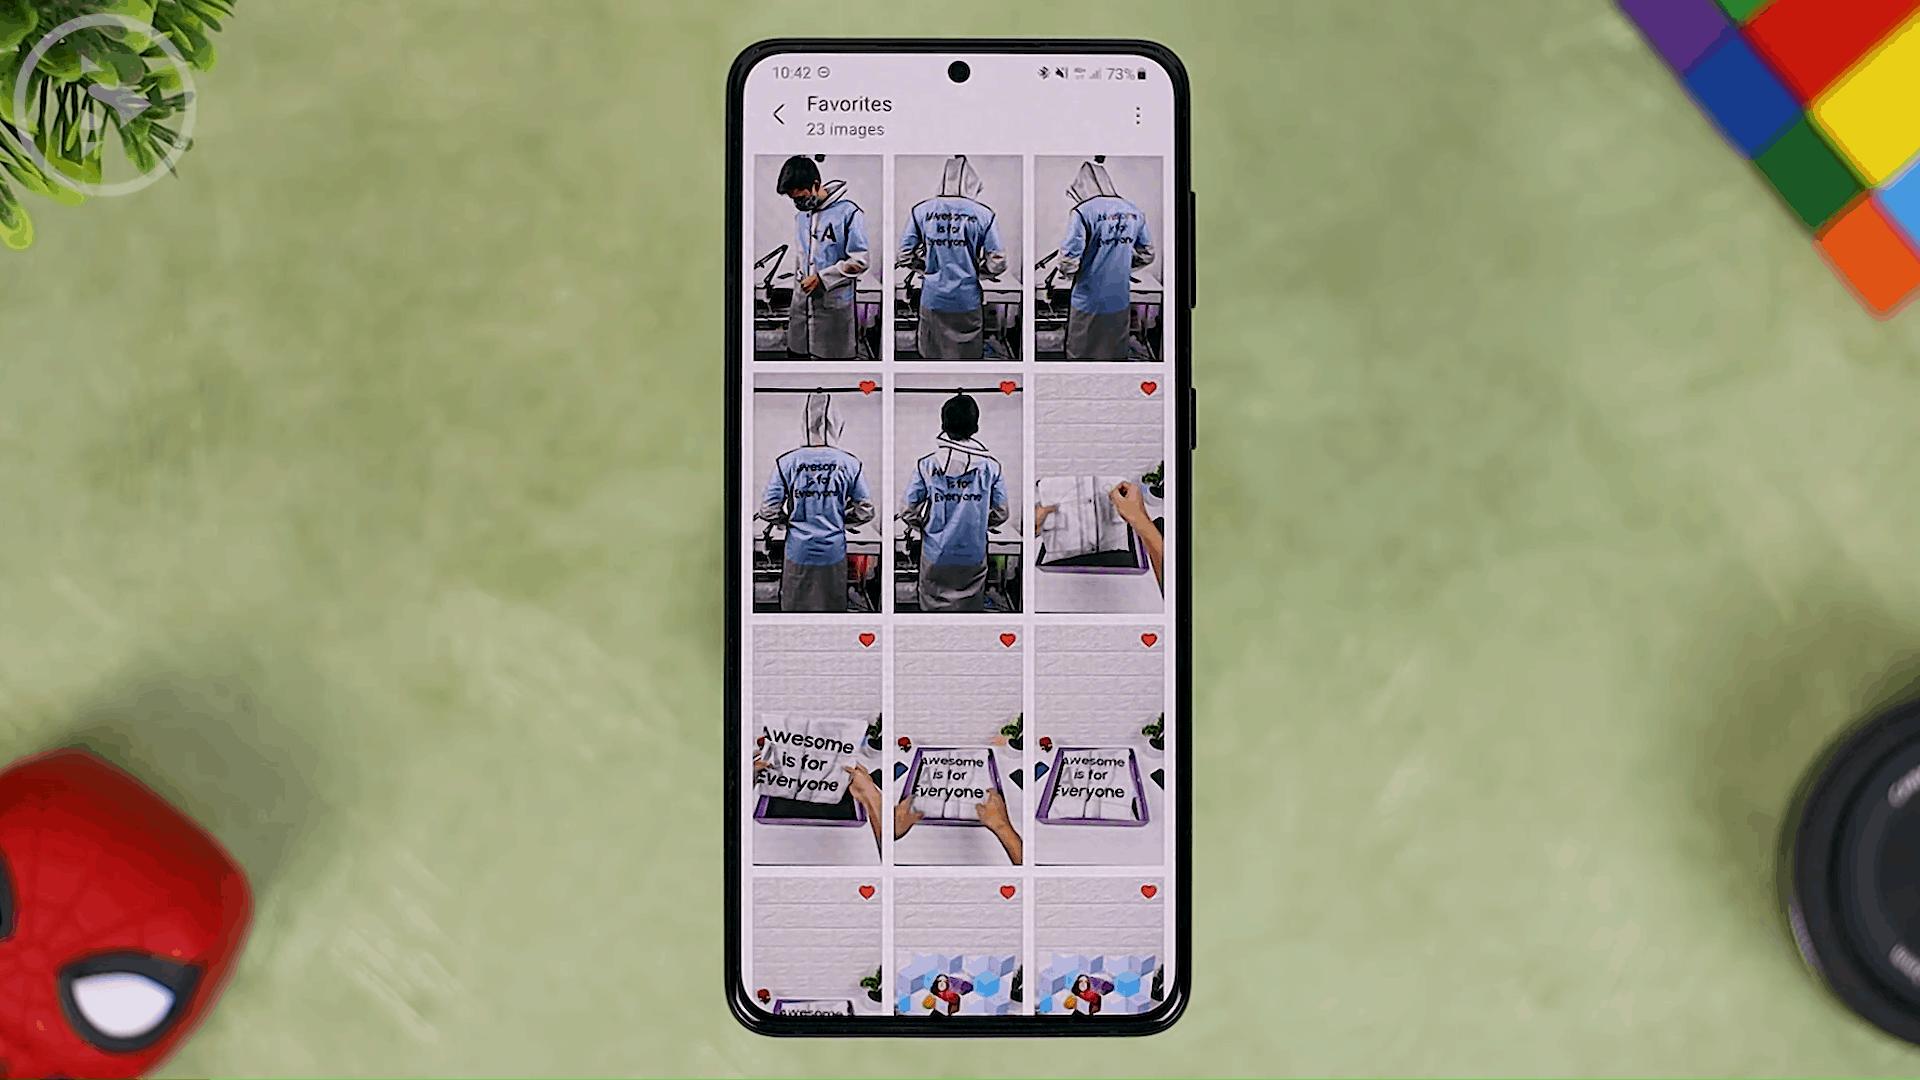 Coba Fitur Edit Foto dan Video Terbaru di HP Samsung - 4 Fitur Terbaru Untuk Edit Foto dan Video di Berbagai Versi One UI Tanpa Perlu Aplikasi Pihak Ketiga